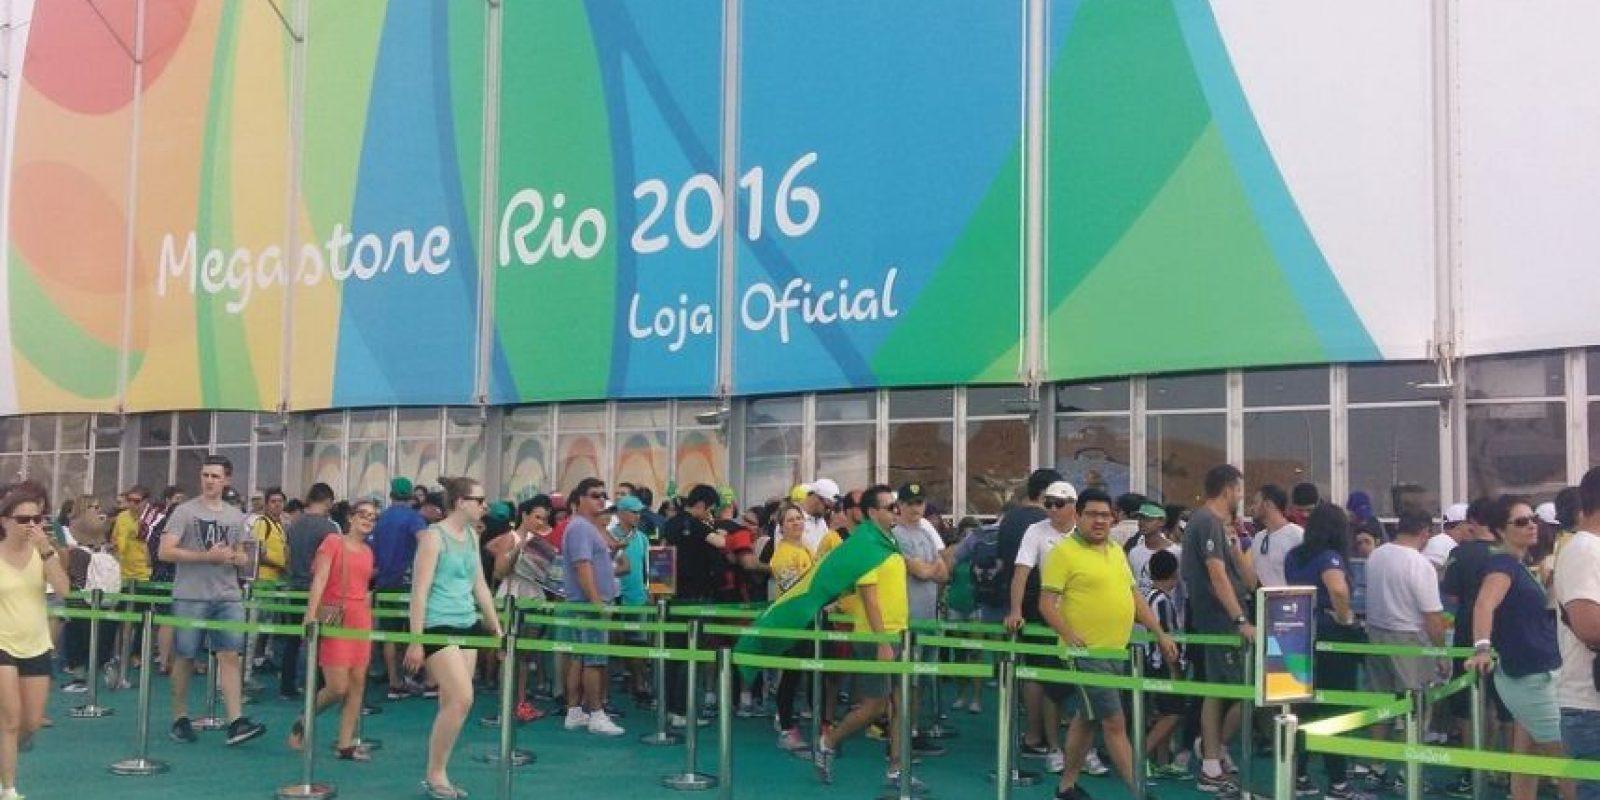 Fila de megatienda. Con pocas fuentes de agua potable el público sufrió para comer y beber. Foto:Metro Rio